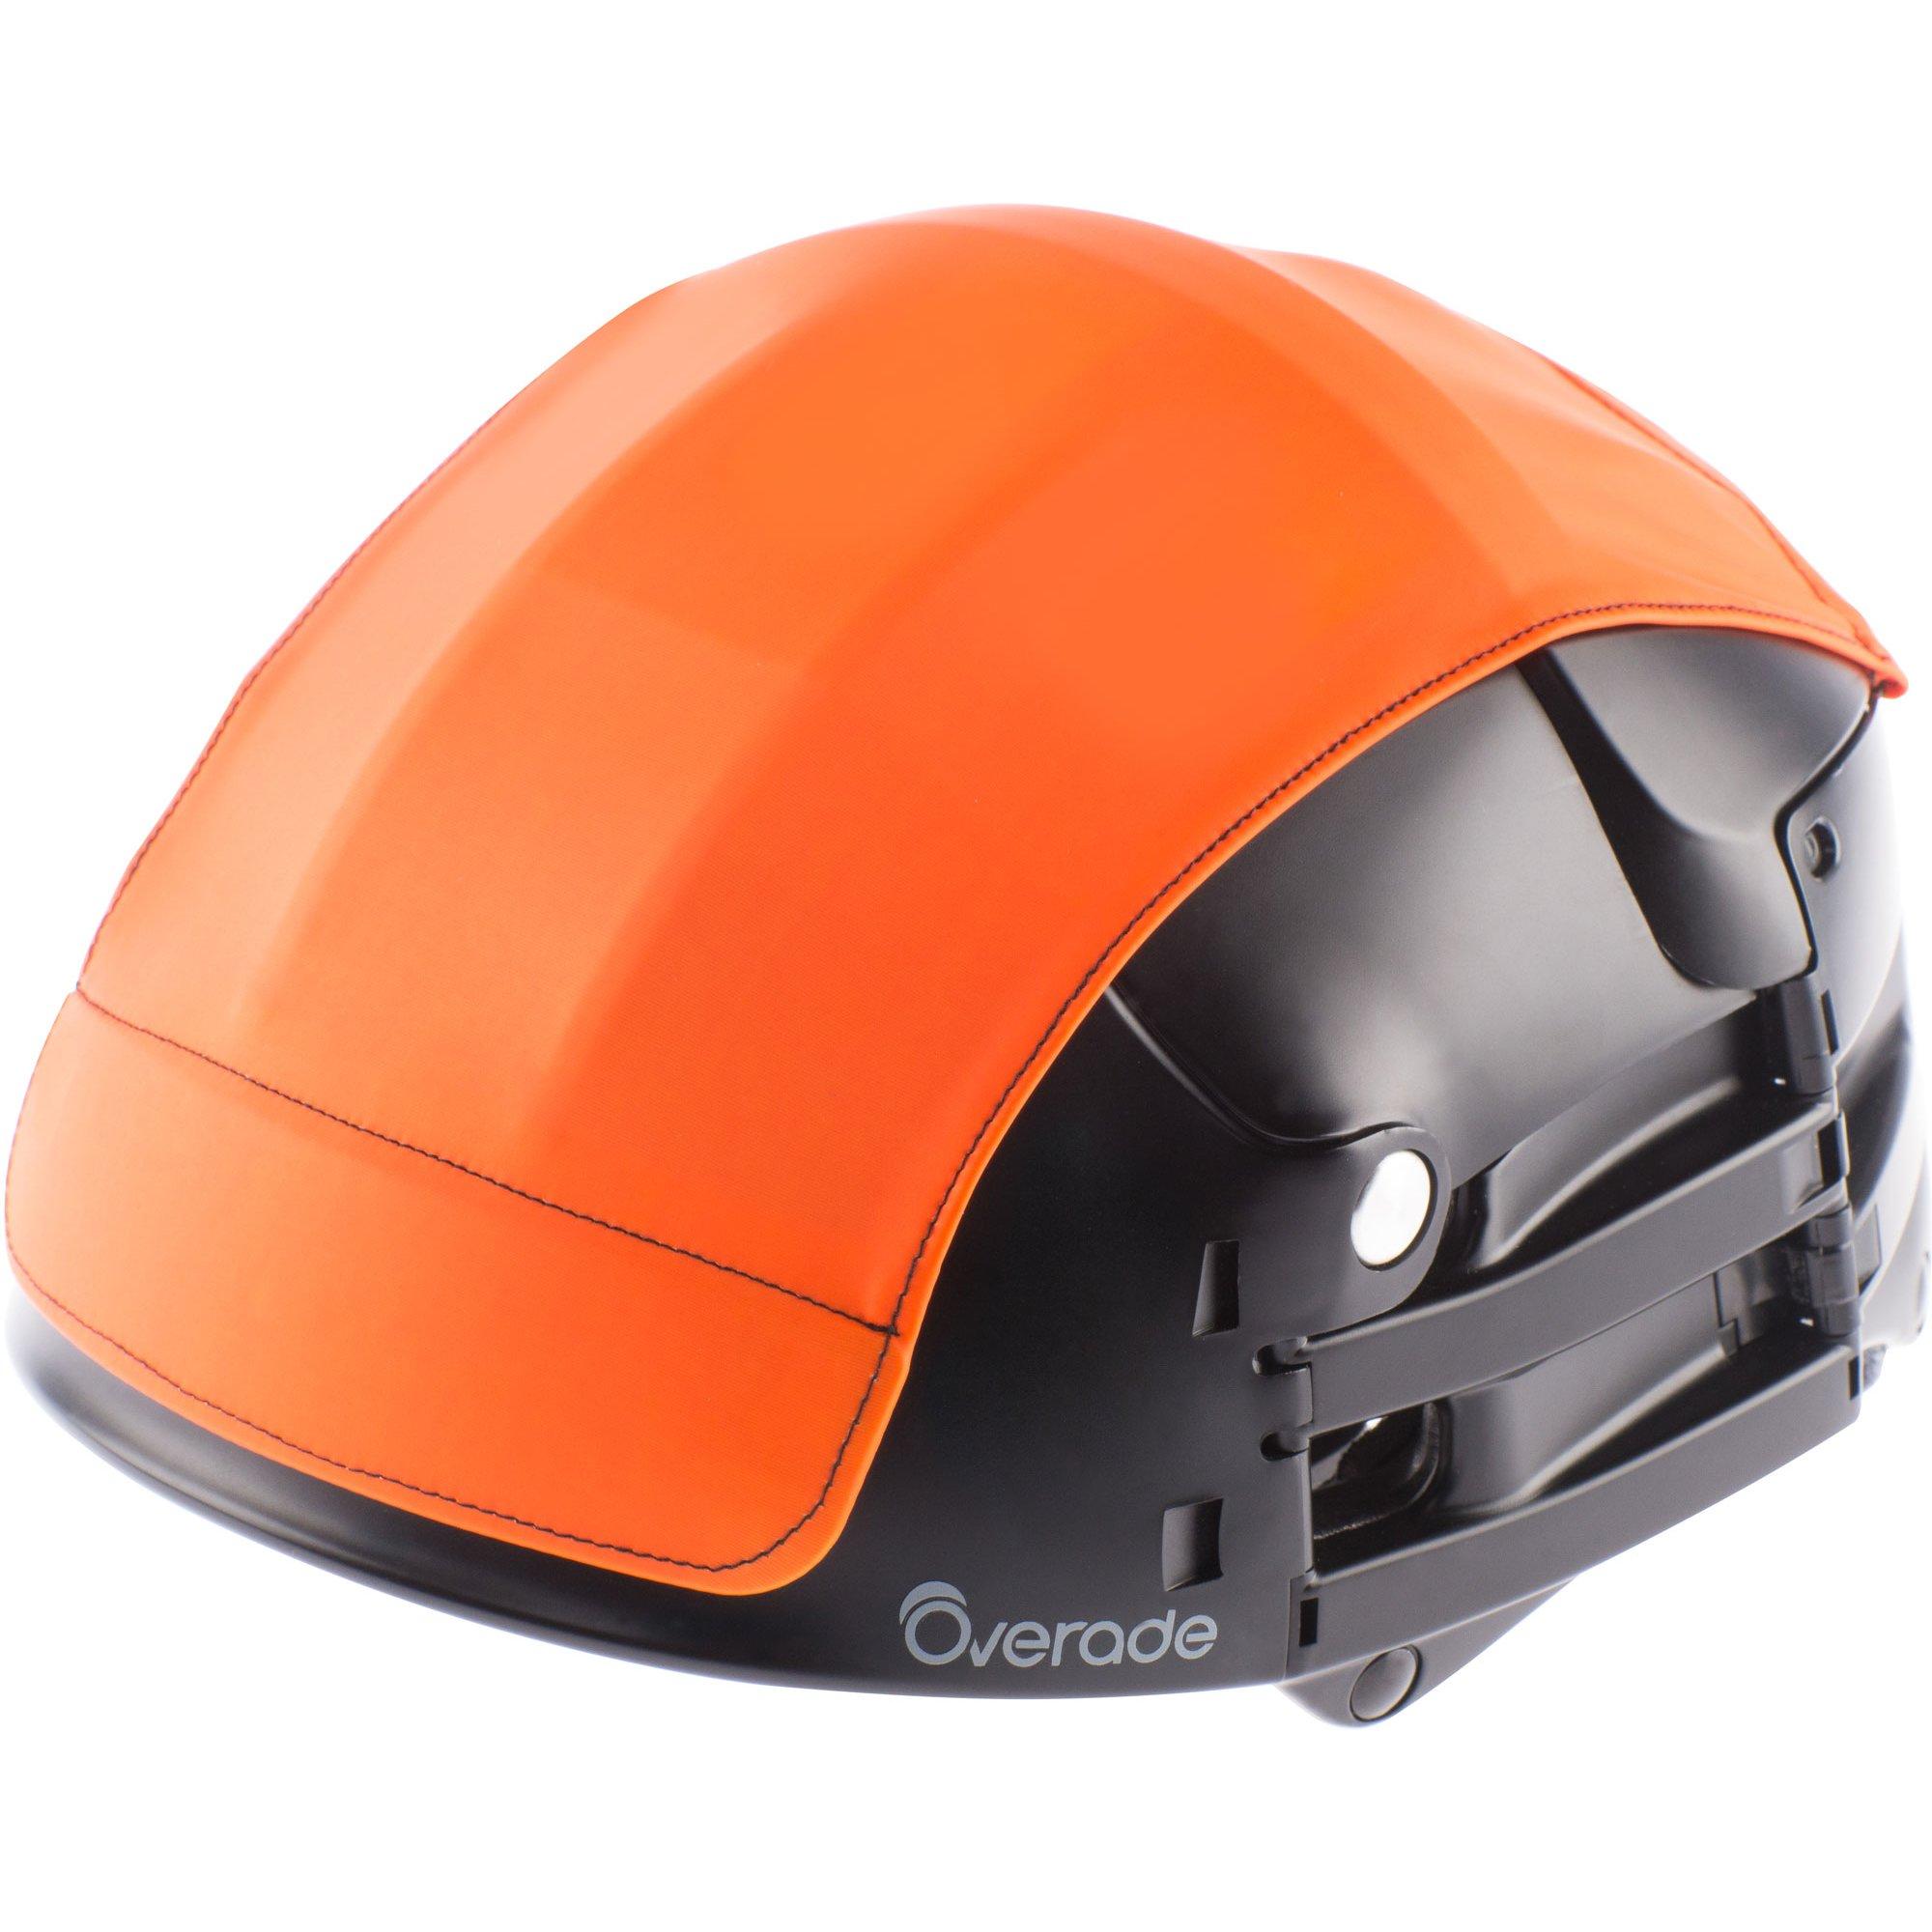 Overade Plixi L-XL cover, orange